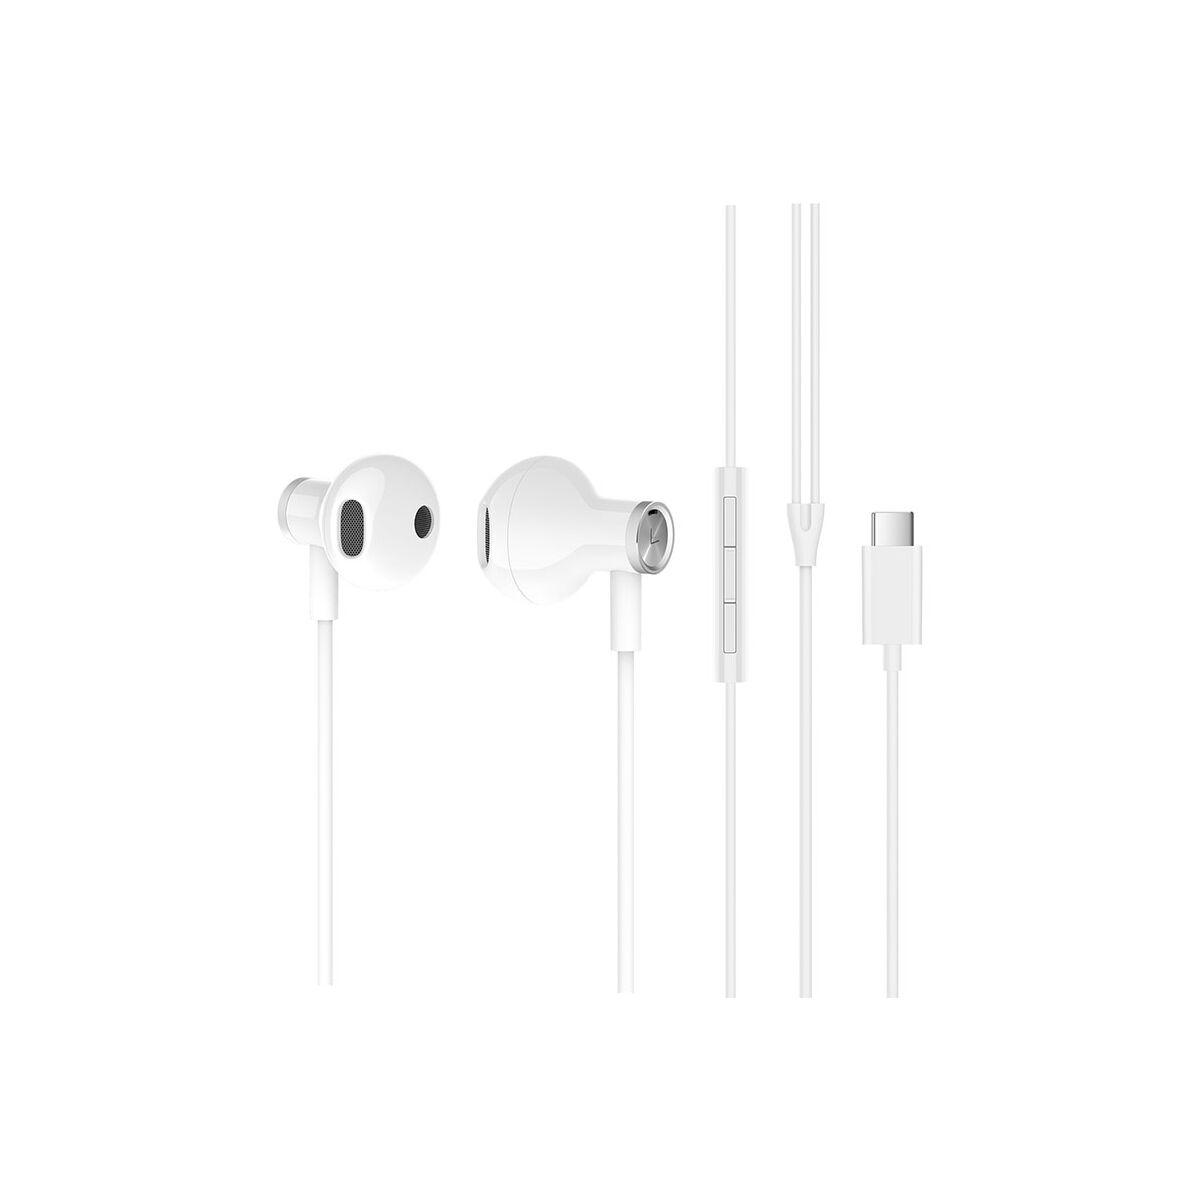 Xiaomi Dual Driver Type-C Earphones, fülhallgató, fehér, EU, ZBW4434TY